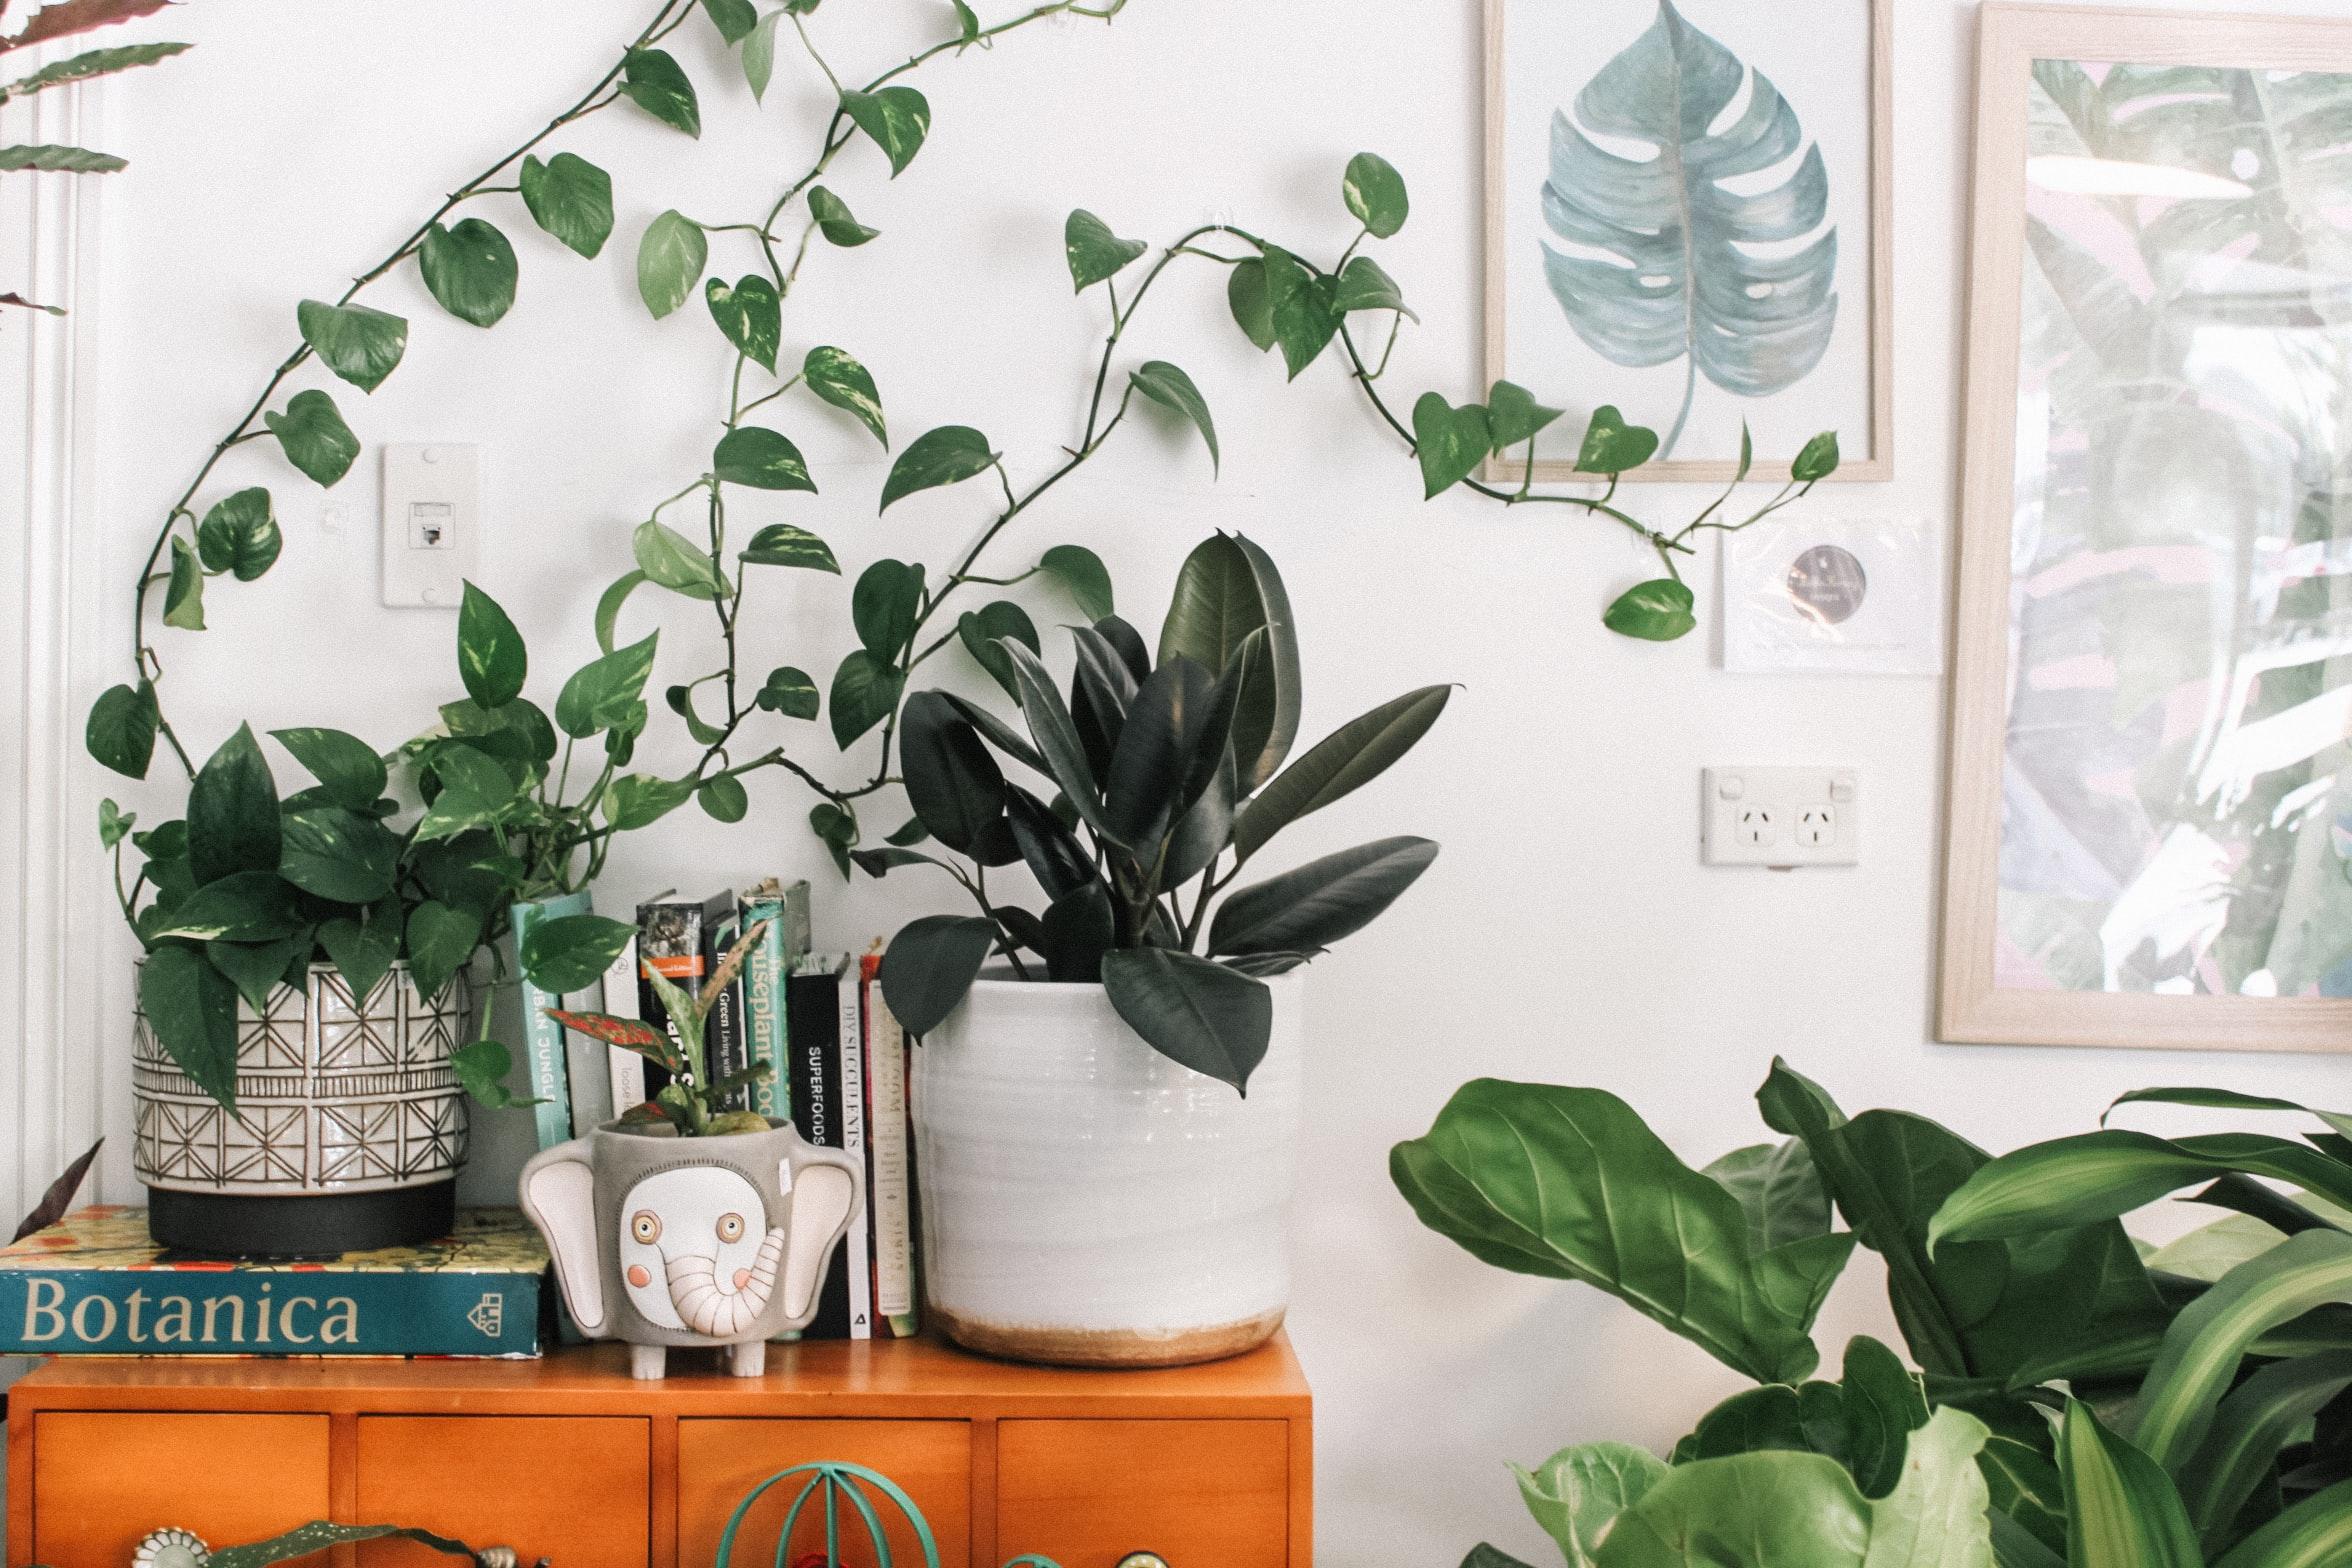 Kalter Kaffee? Deine Pflanzen macht er wieder munter!